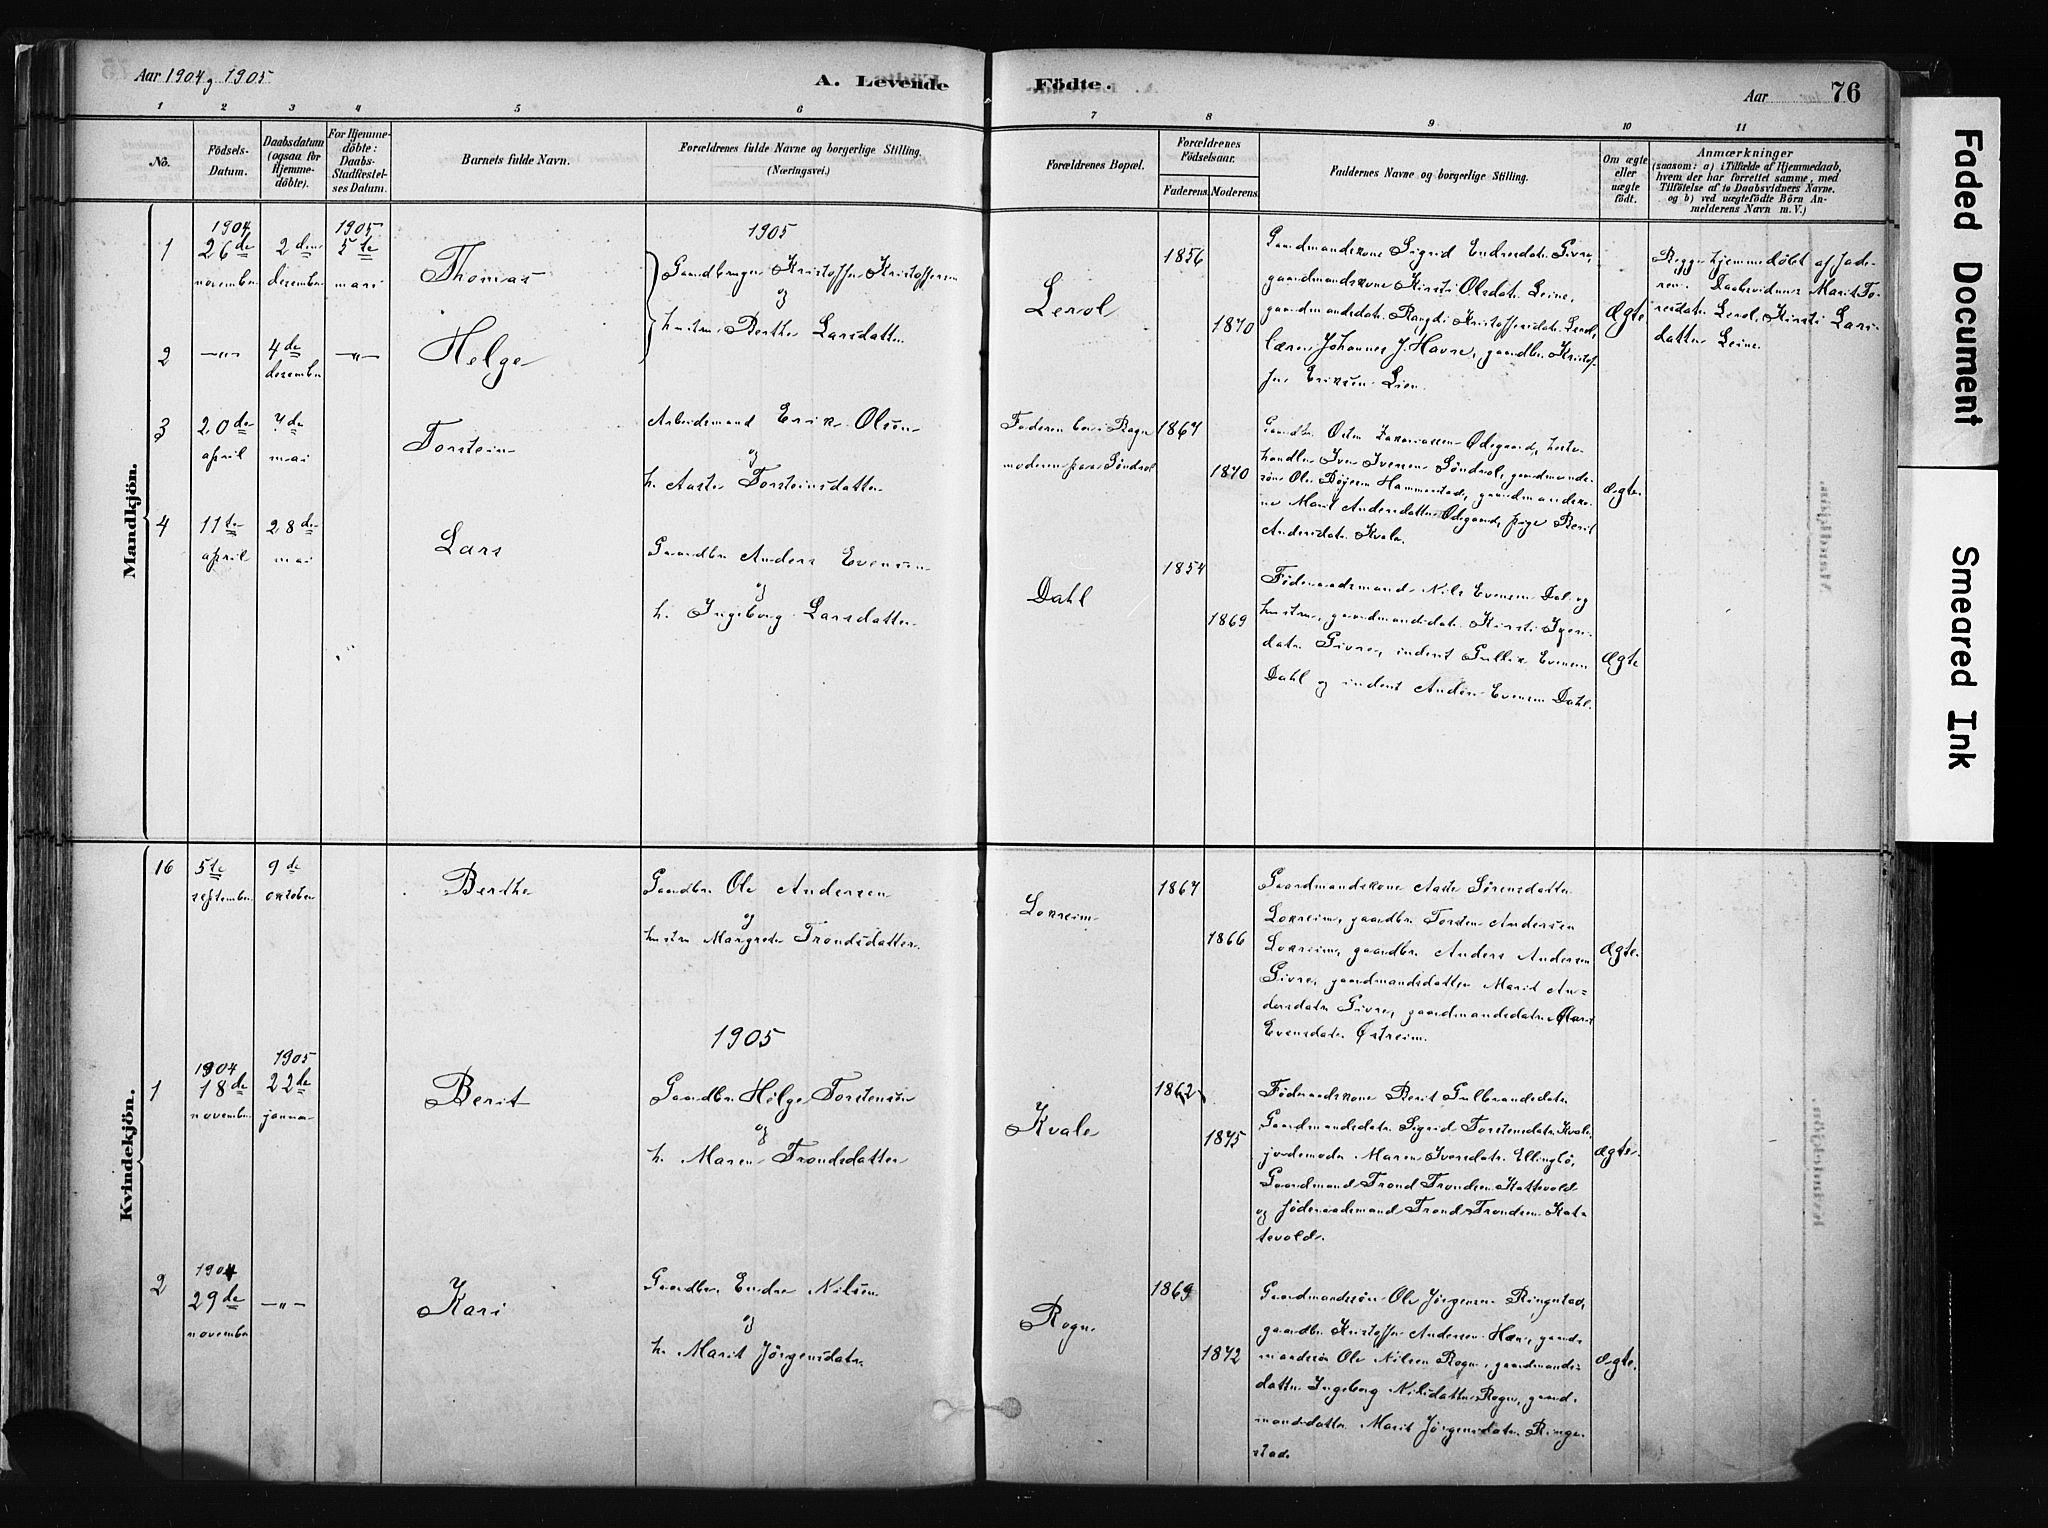 SAH, Vang prestekontor, Valdres, Ministerialbok nr. 8, 1882-1910, s. 76